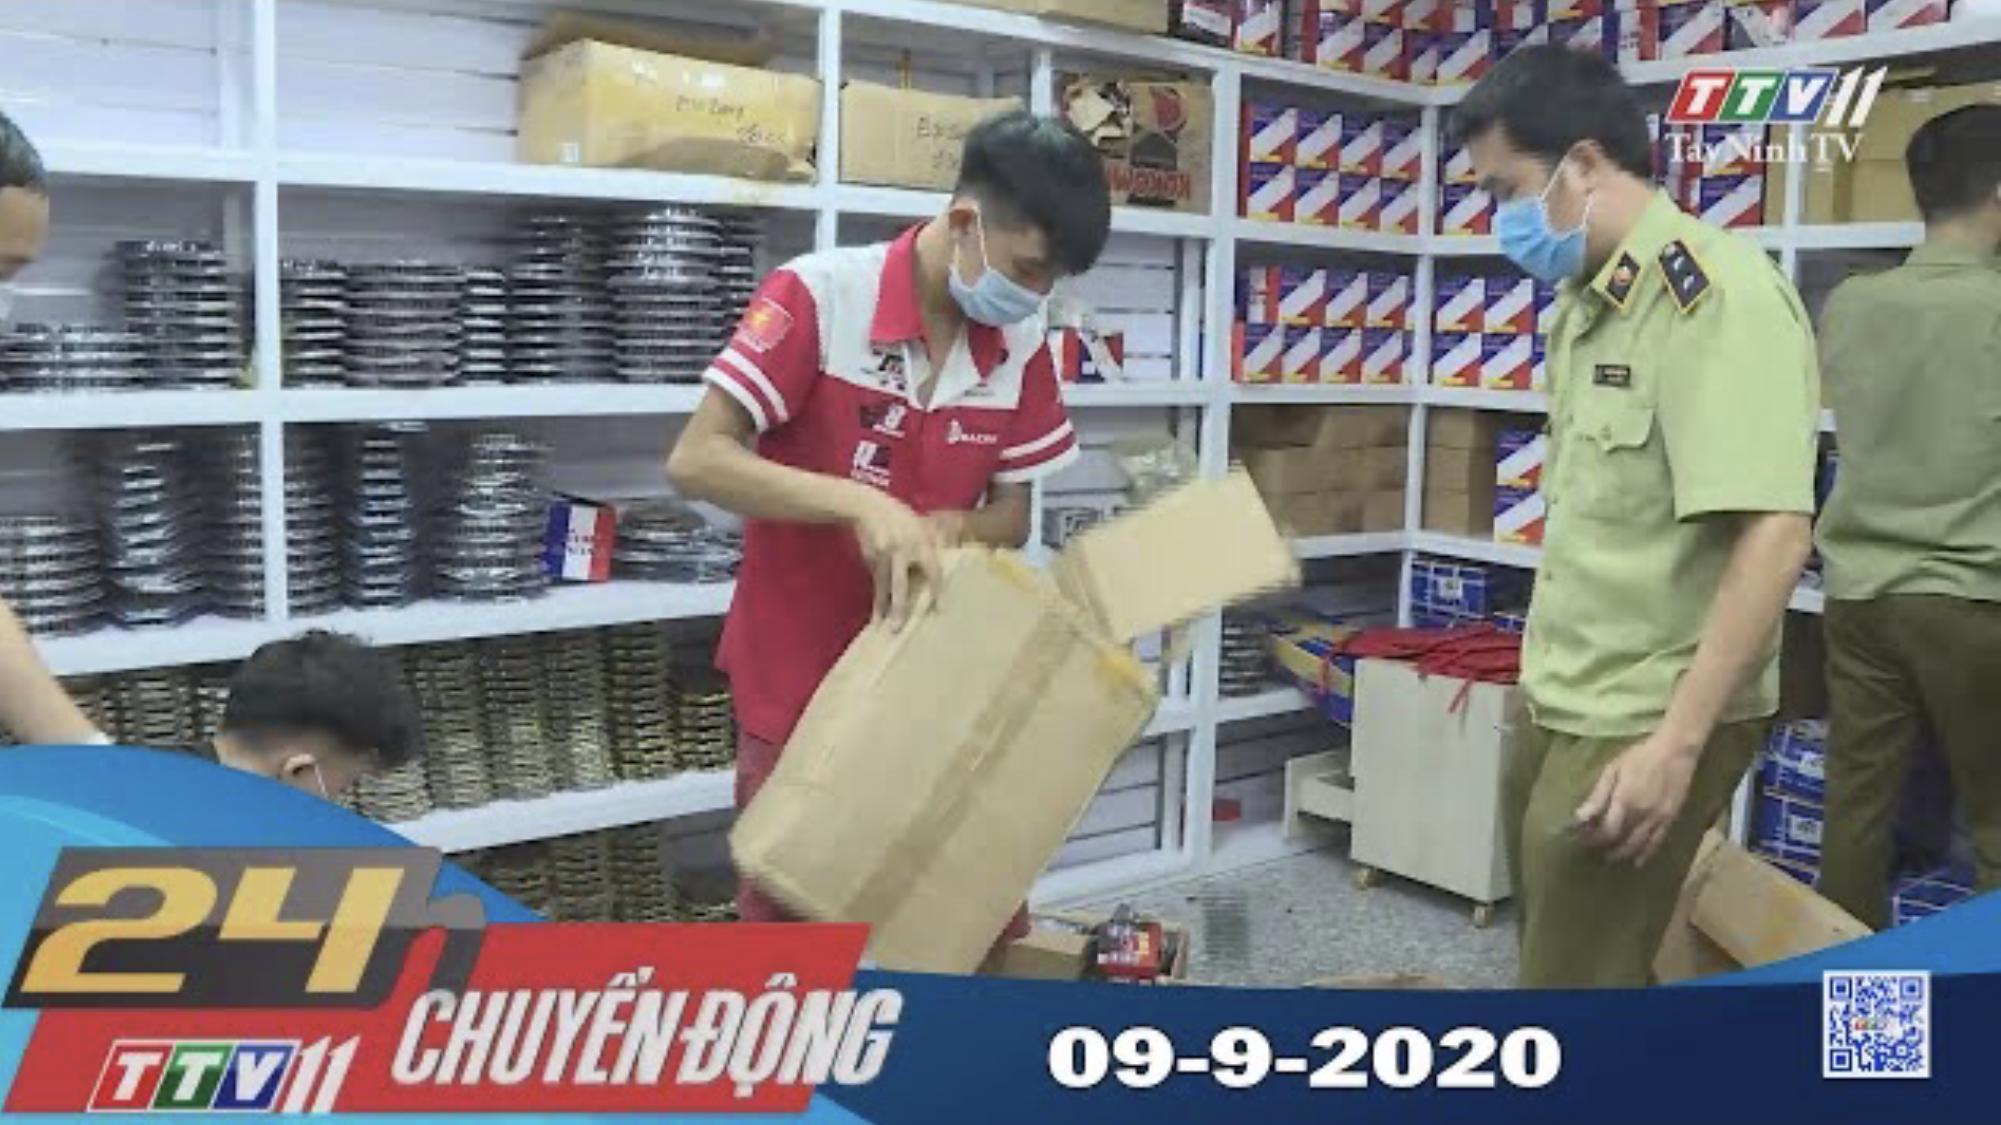 24h Chuyển động 09-9-2020 | Tin tức hôm nay | TayNinhTV